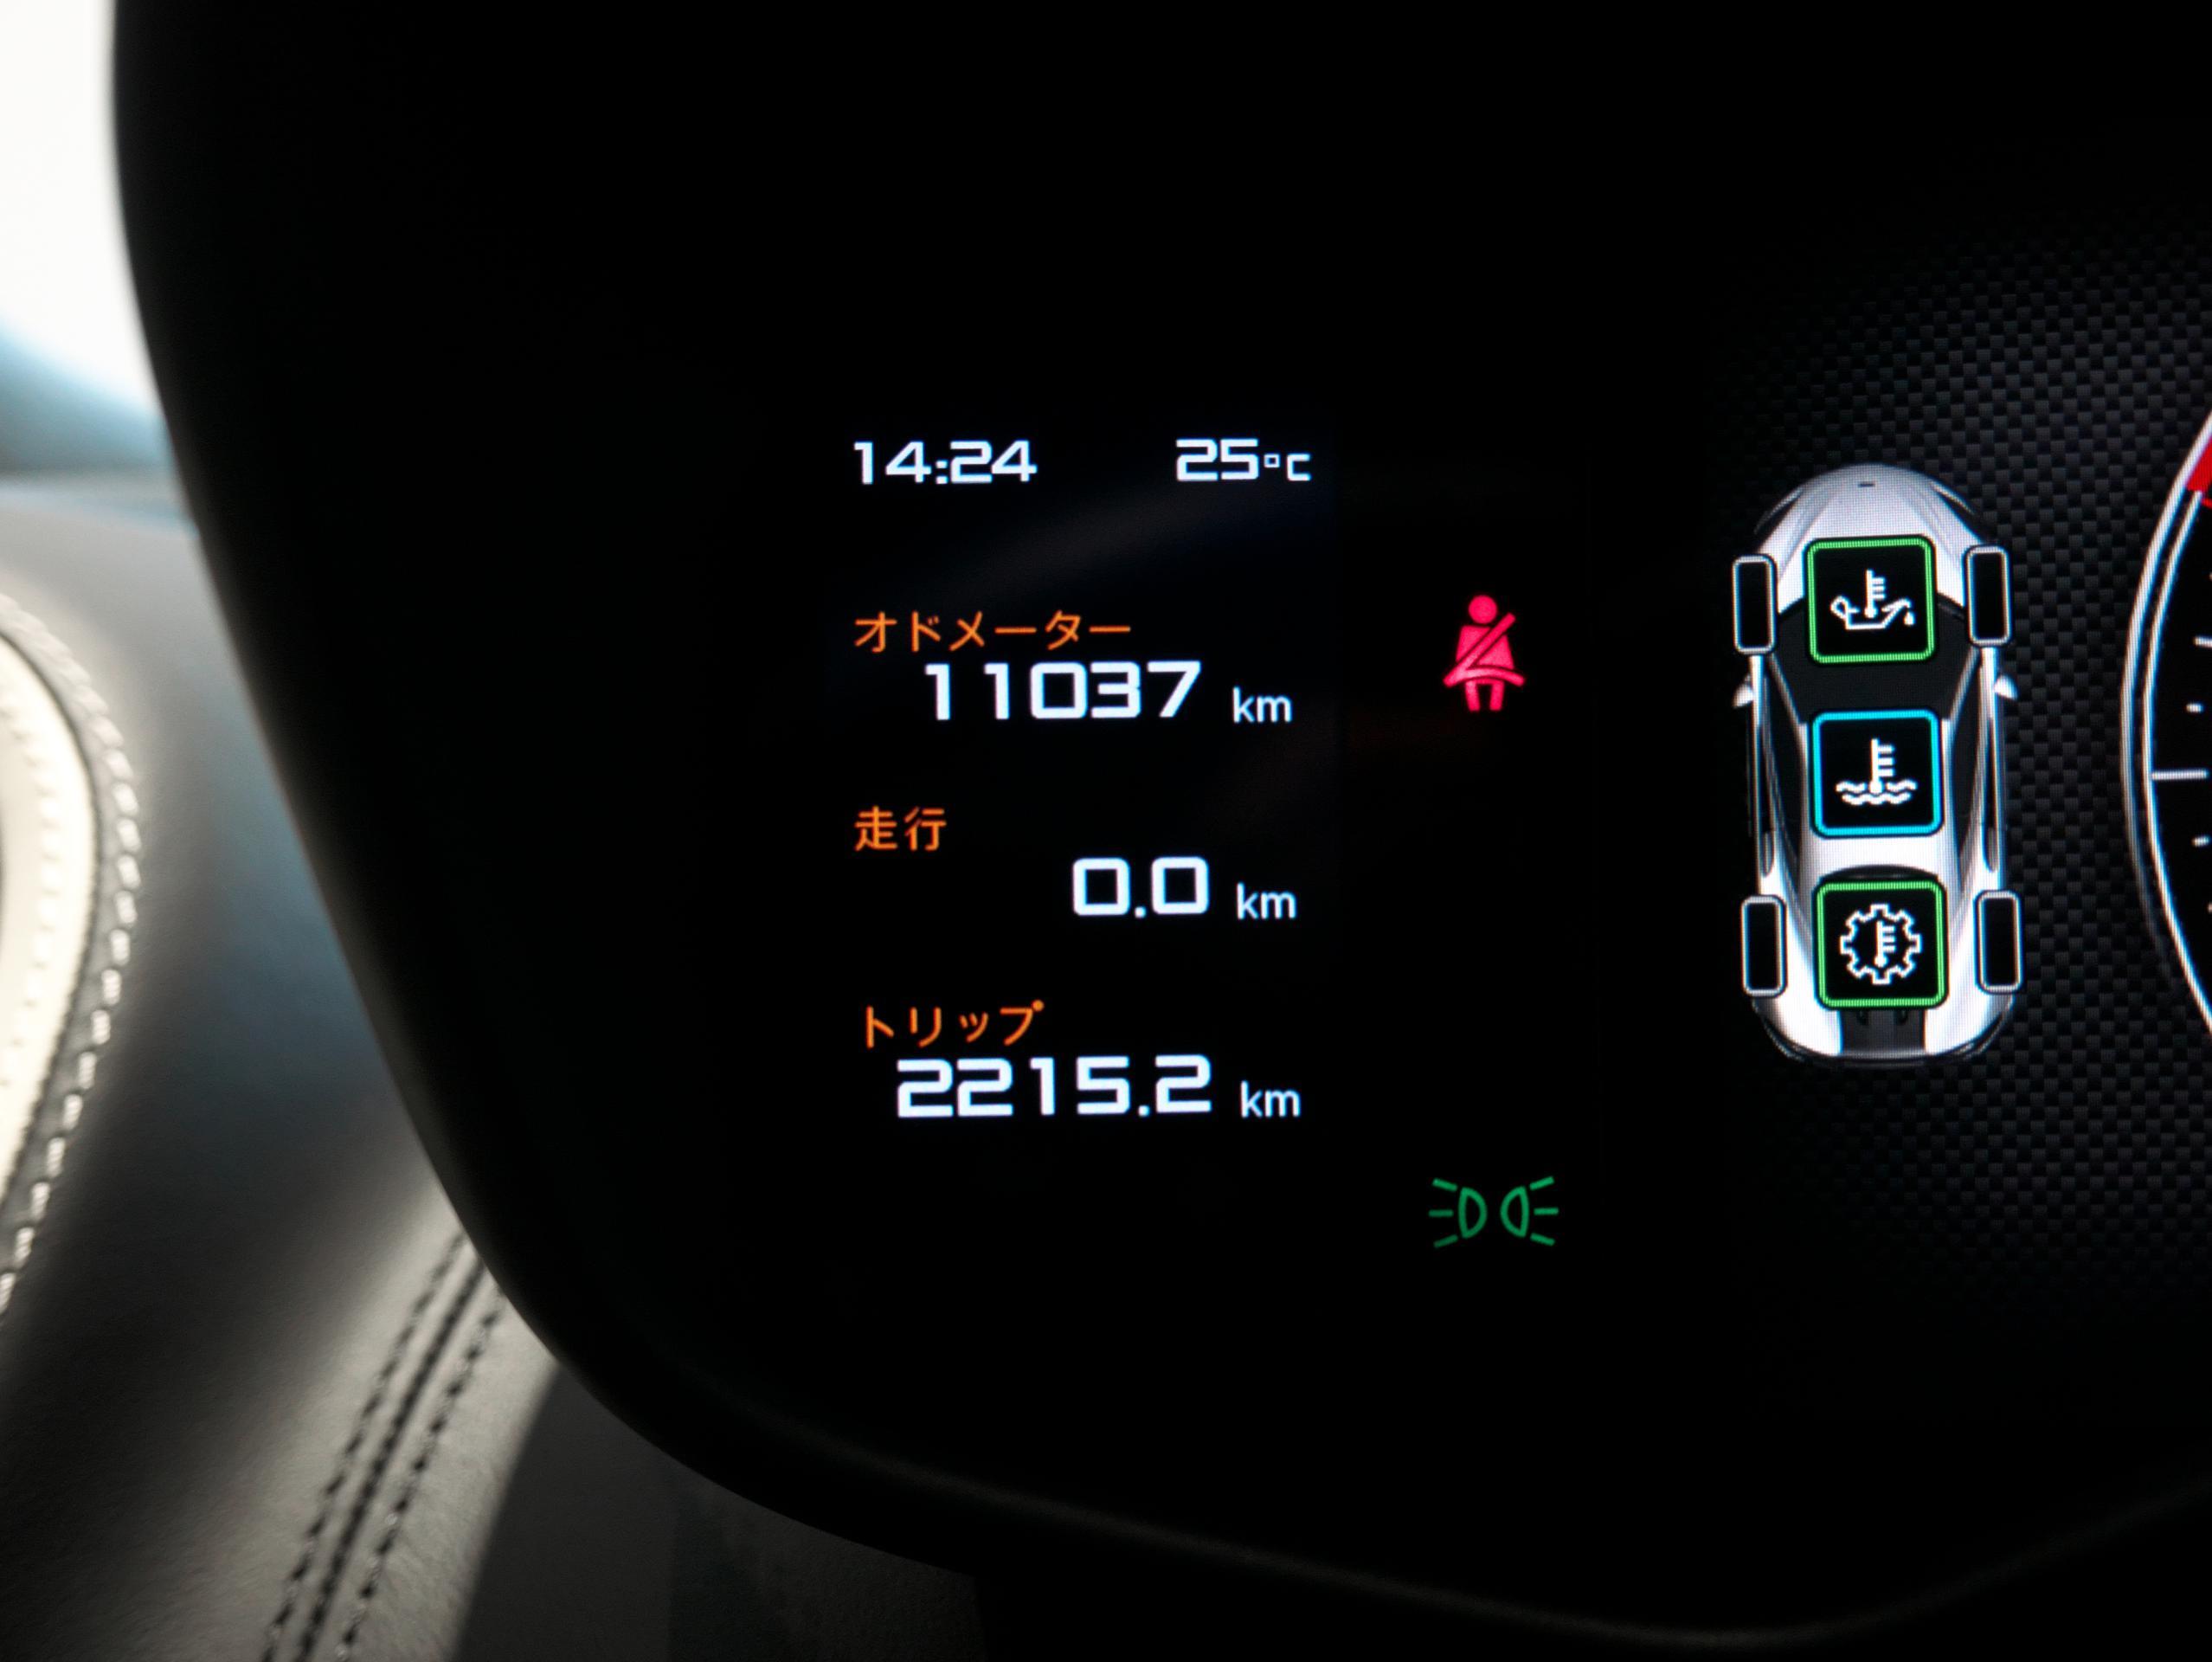 マクラーレン 540C ODOメーター